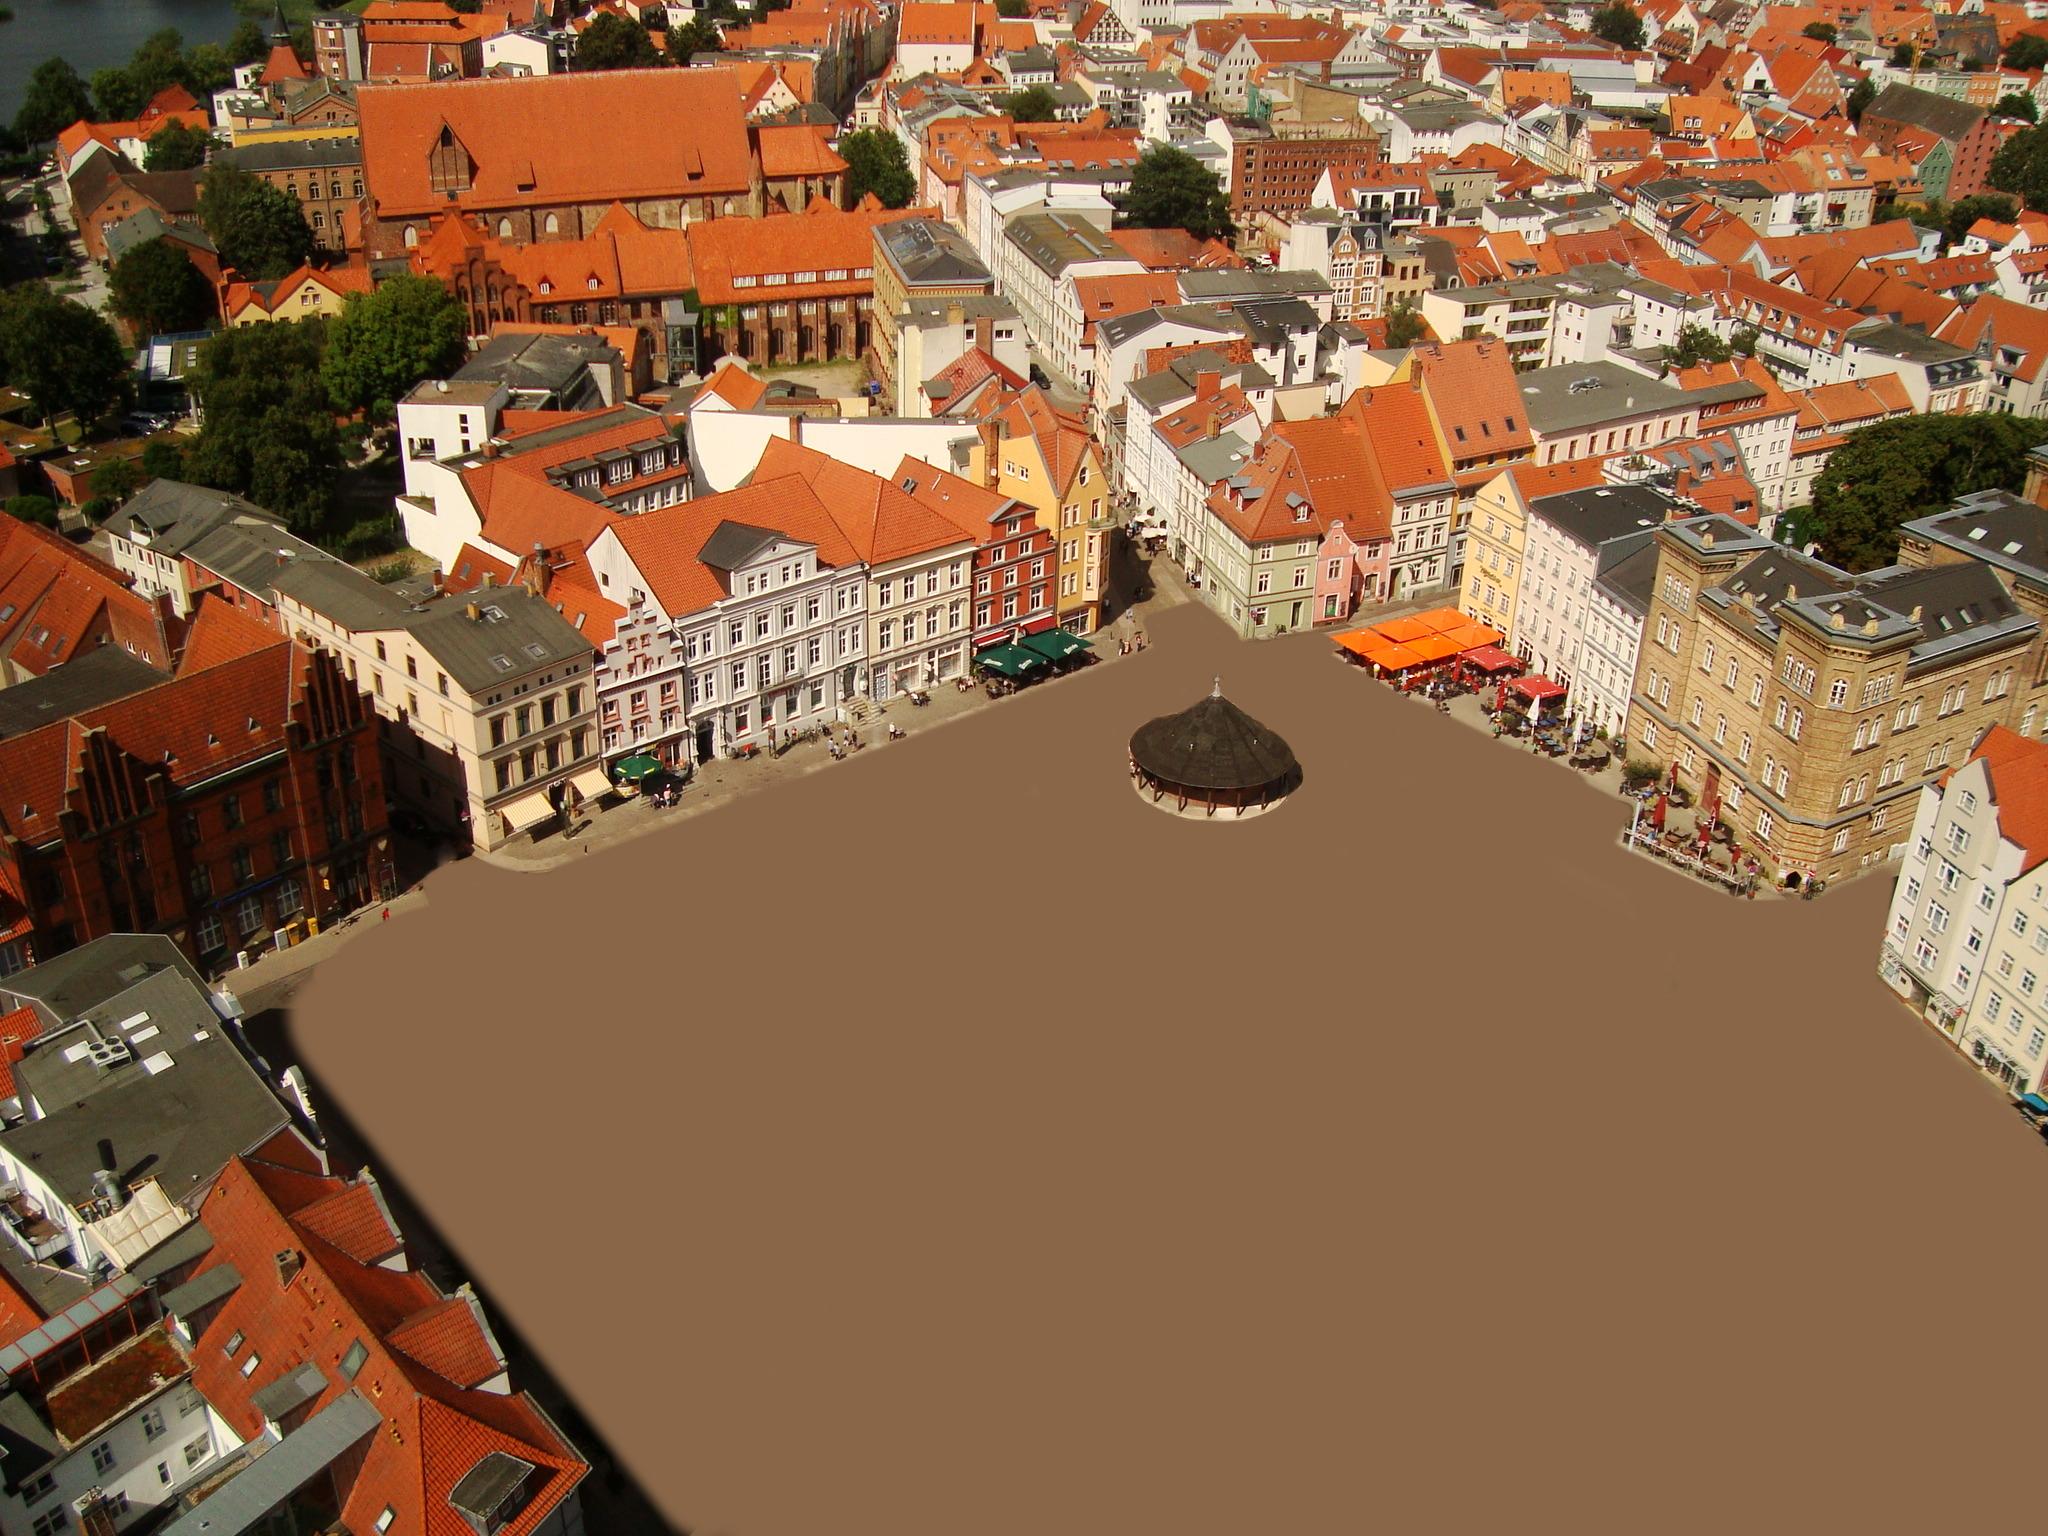 Neuer Markt Stralsund autofreie Leerfläche zur Umgestaltung - Skizze